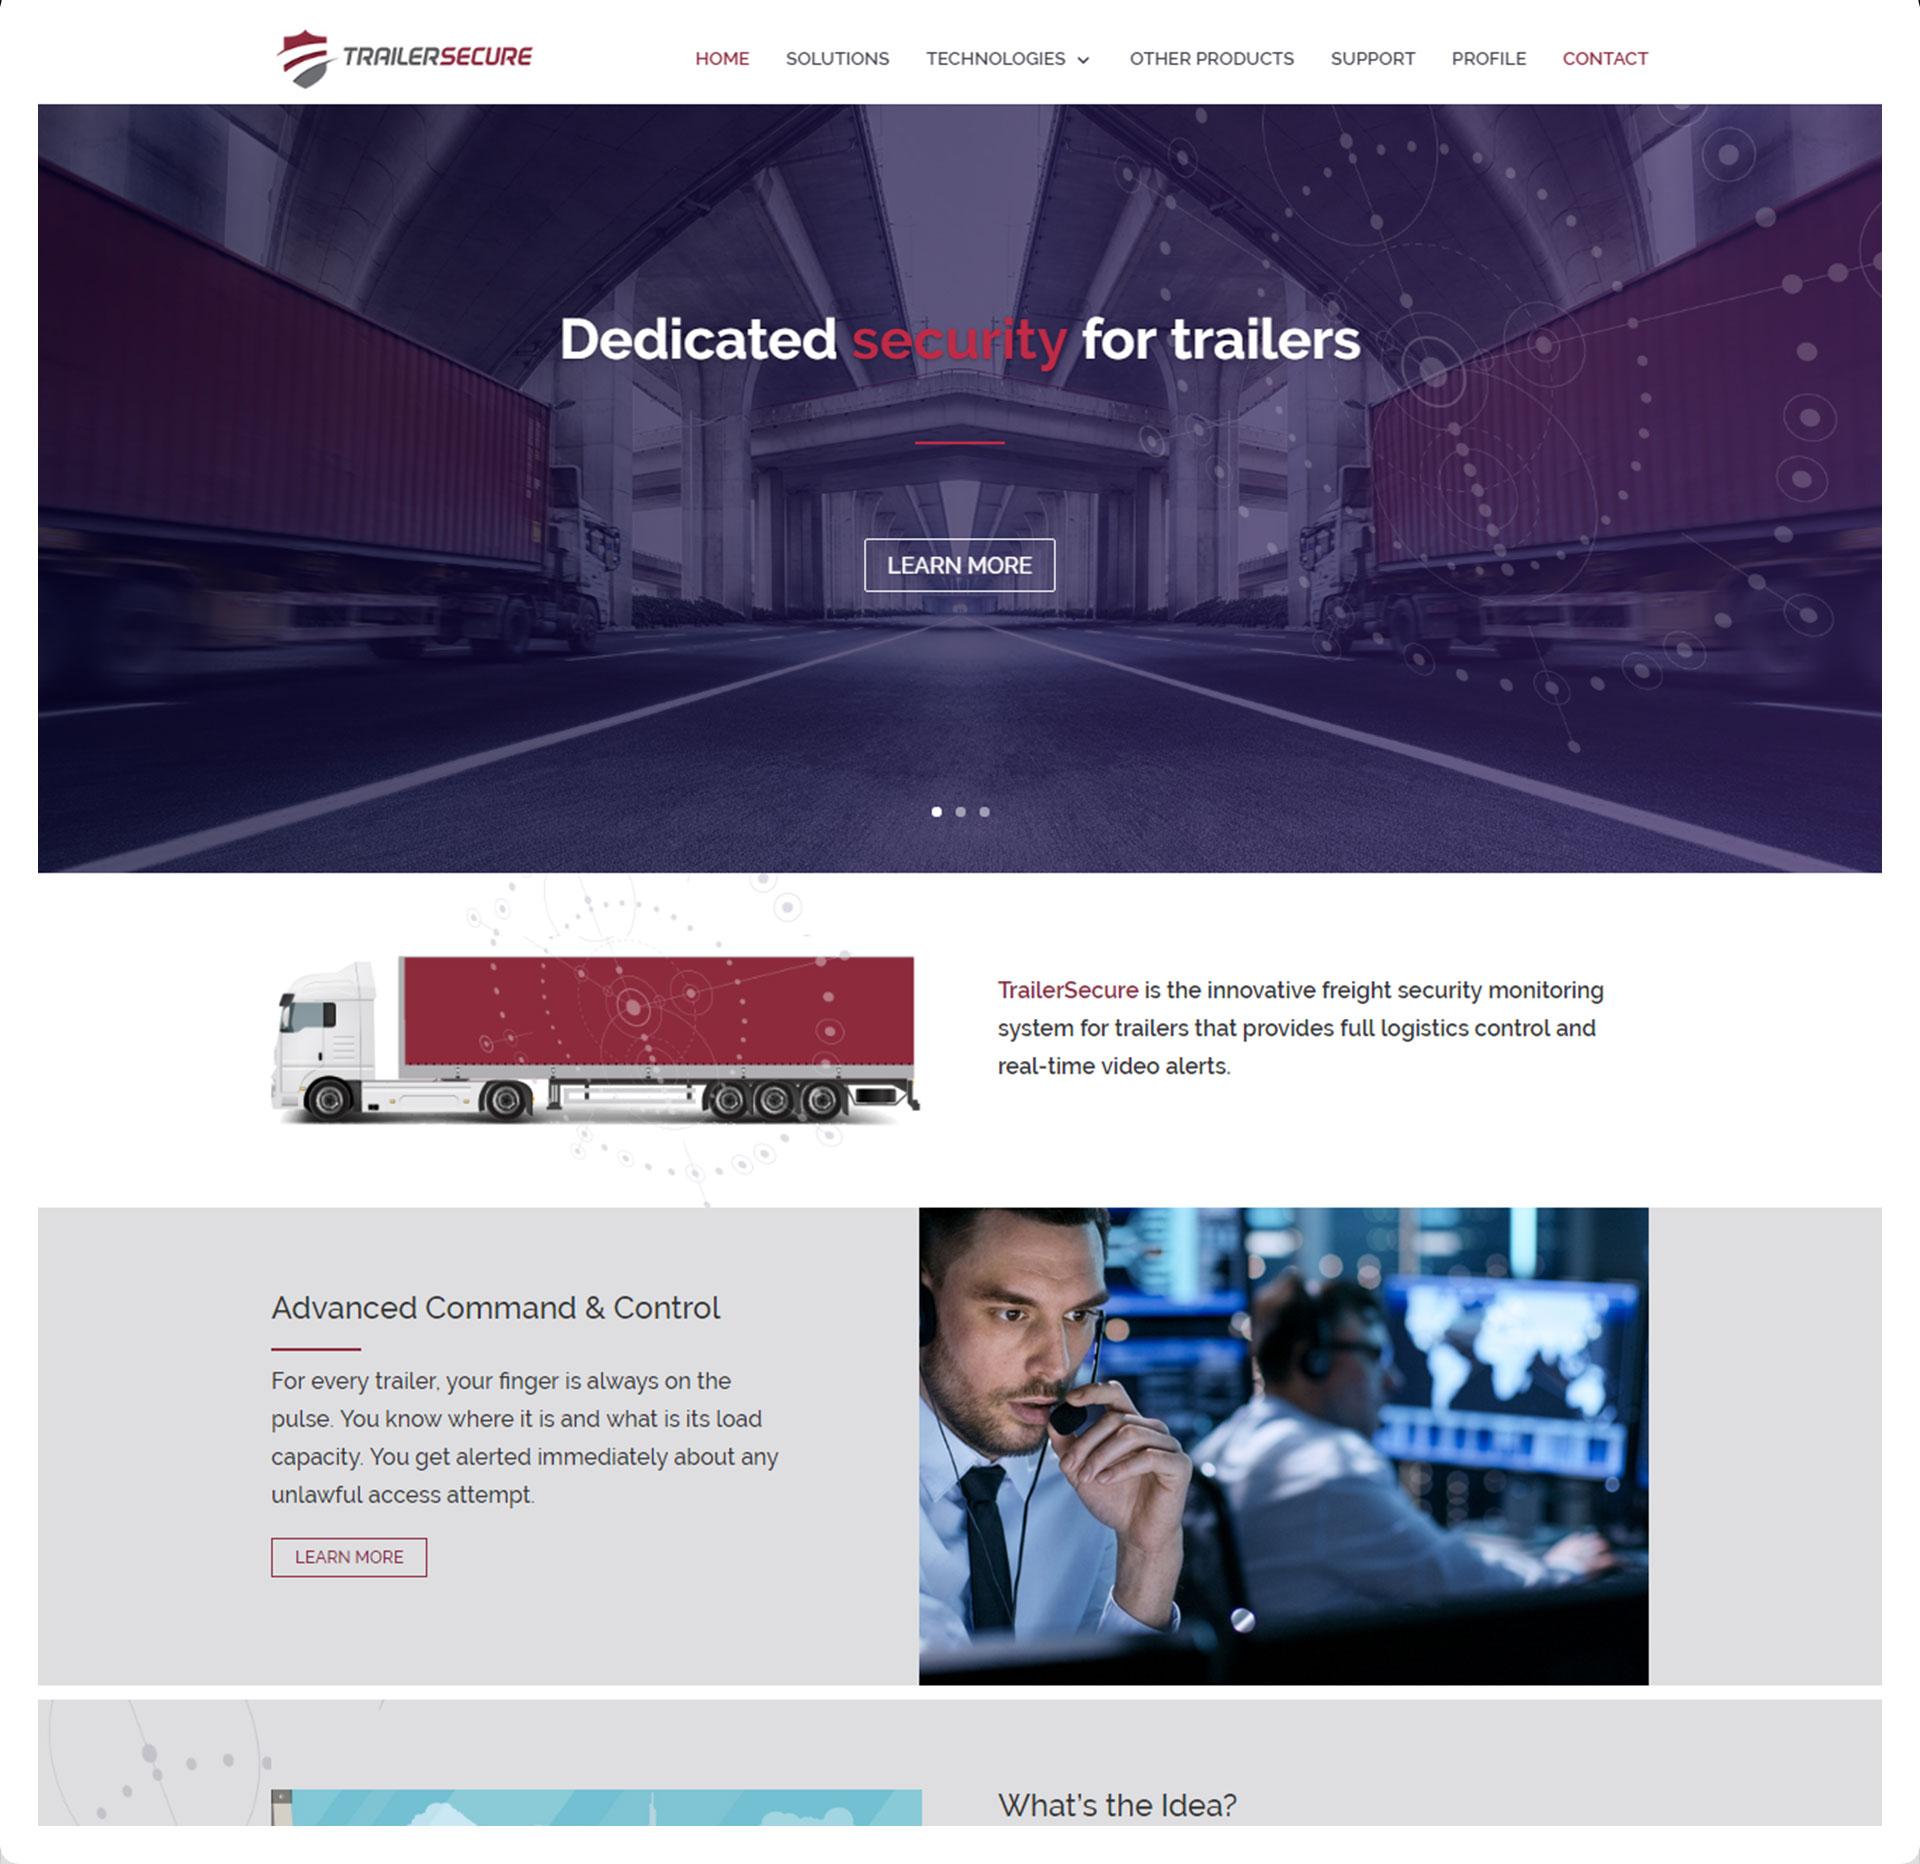 בניית אתרים - Trailer Secure